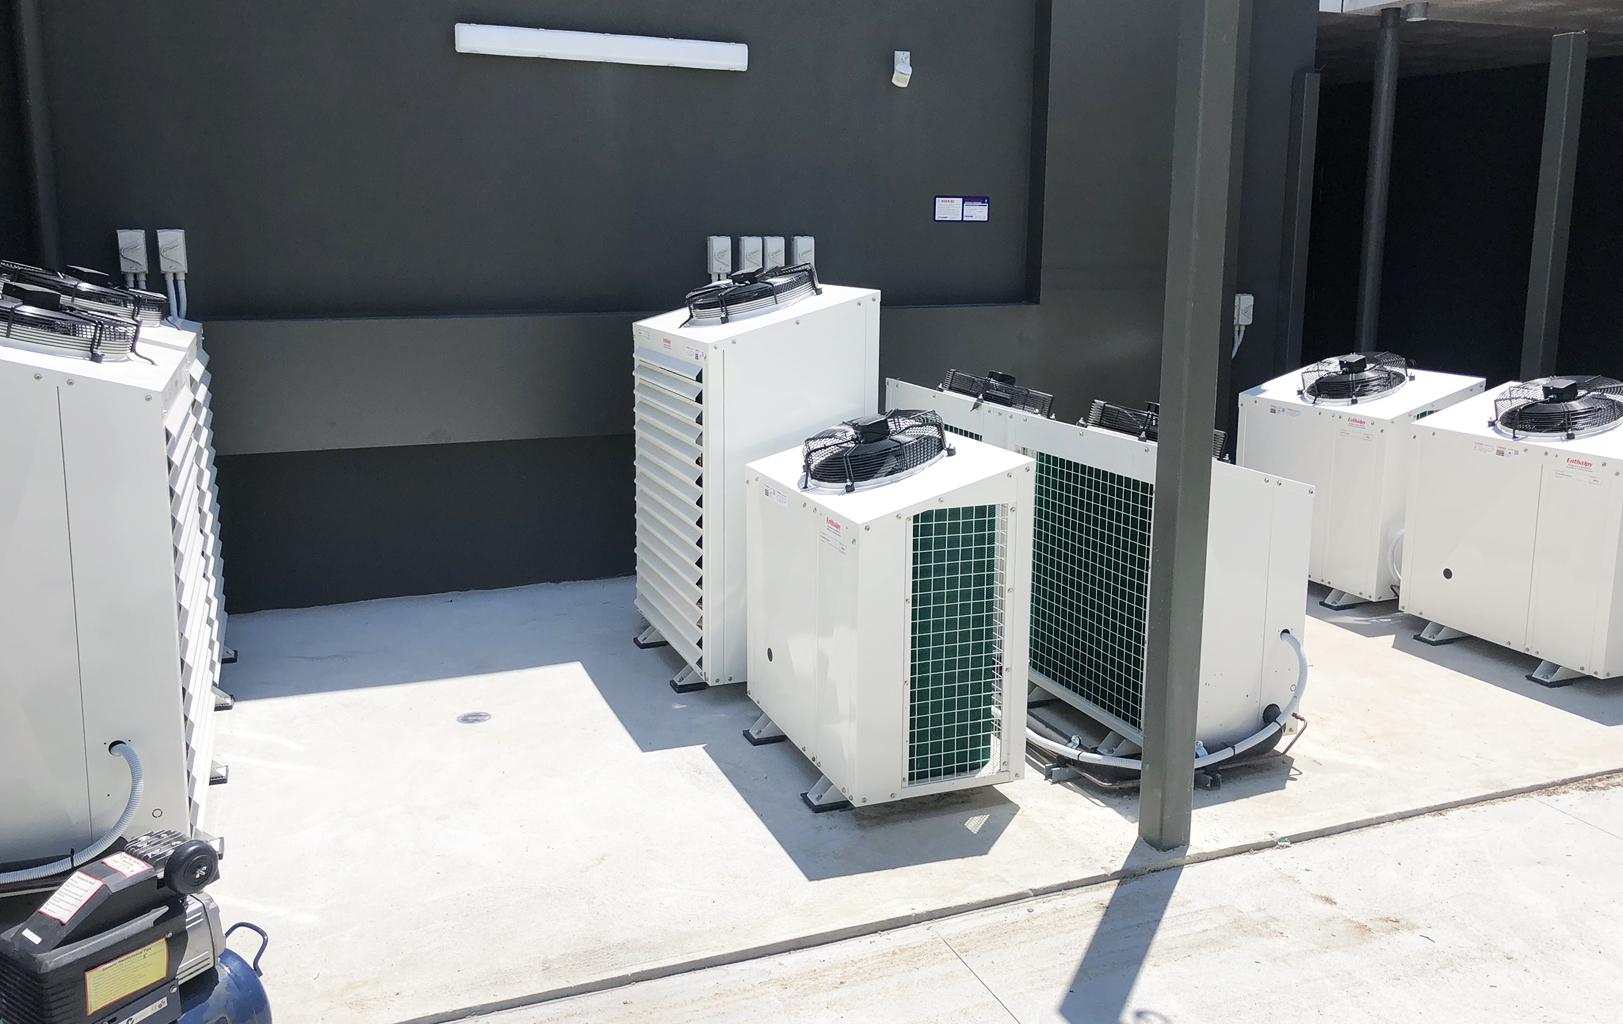 Ingot_Hotel_Refrigeration_Units.jpg